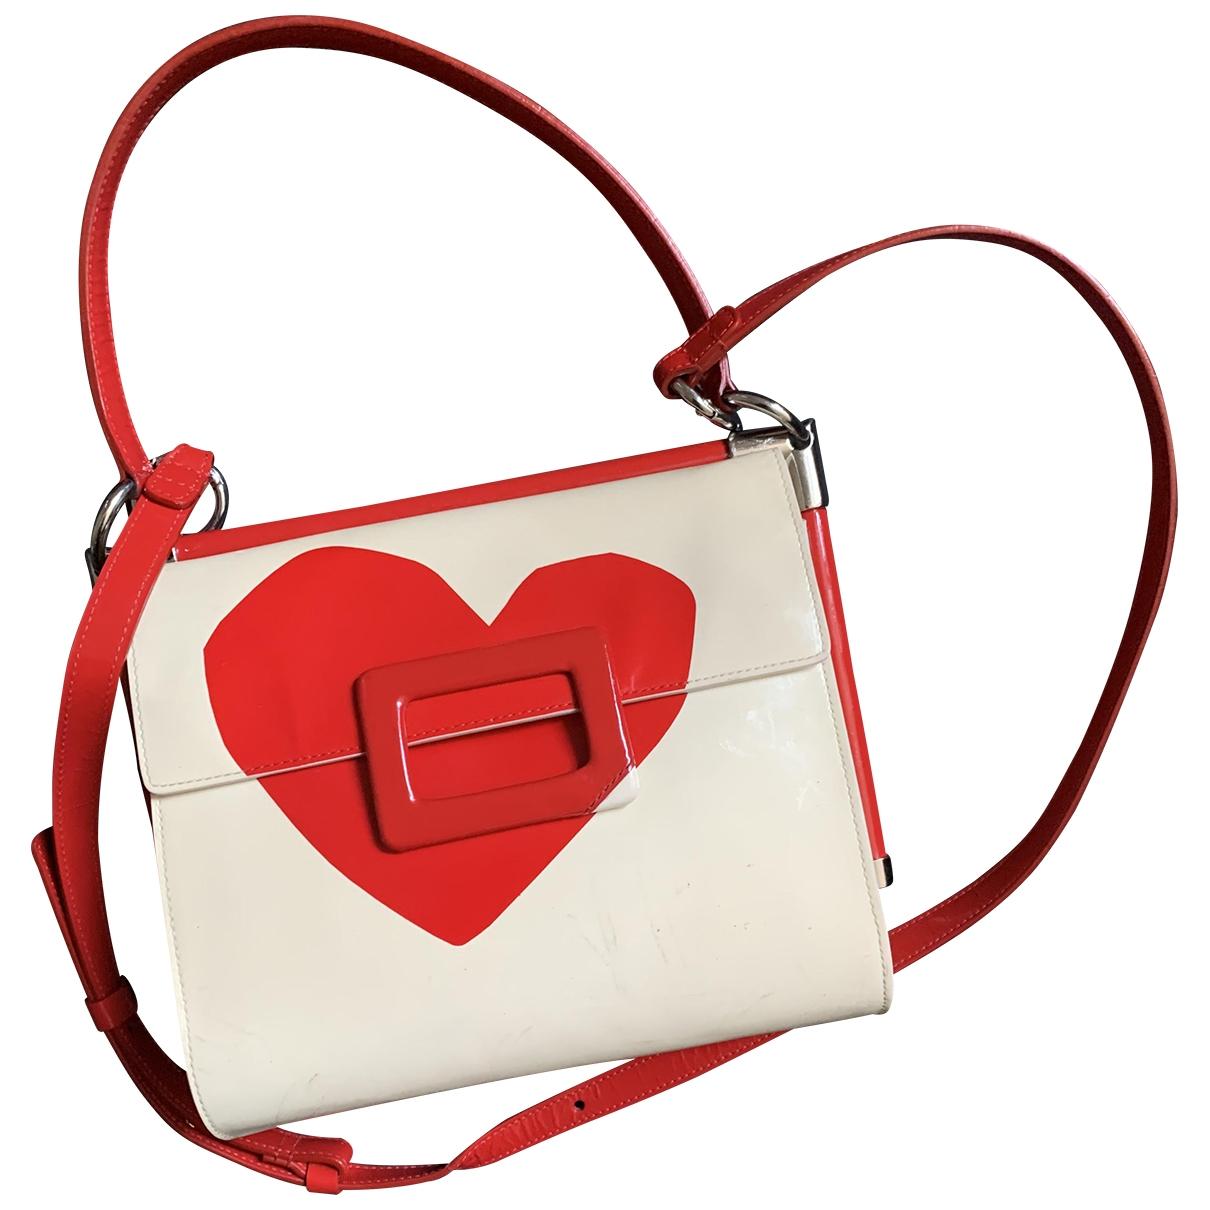 Roger Vivier \N White Patent leather handbag for Women \N